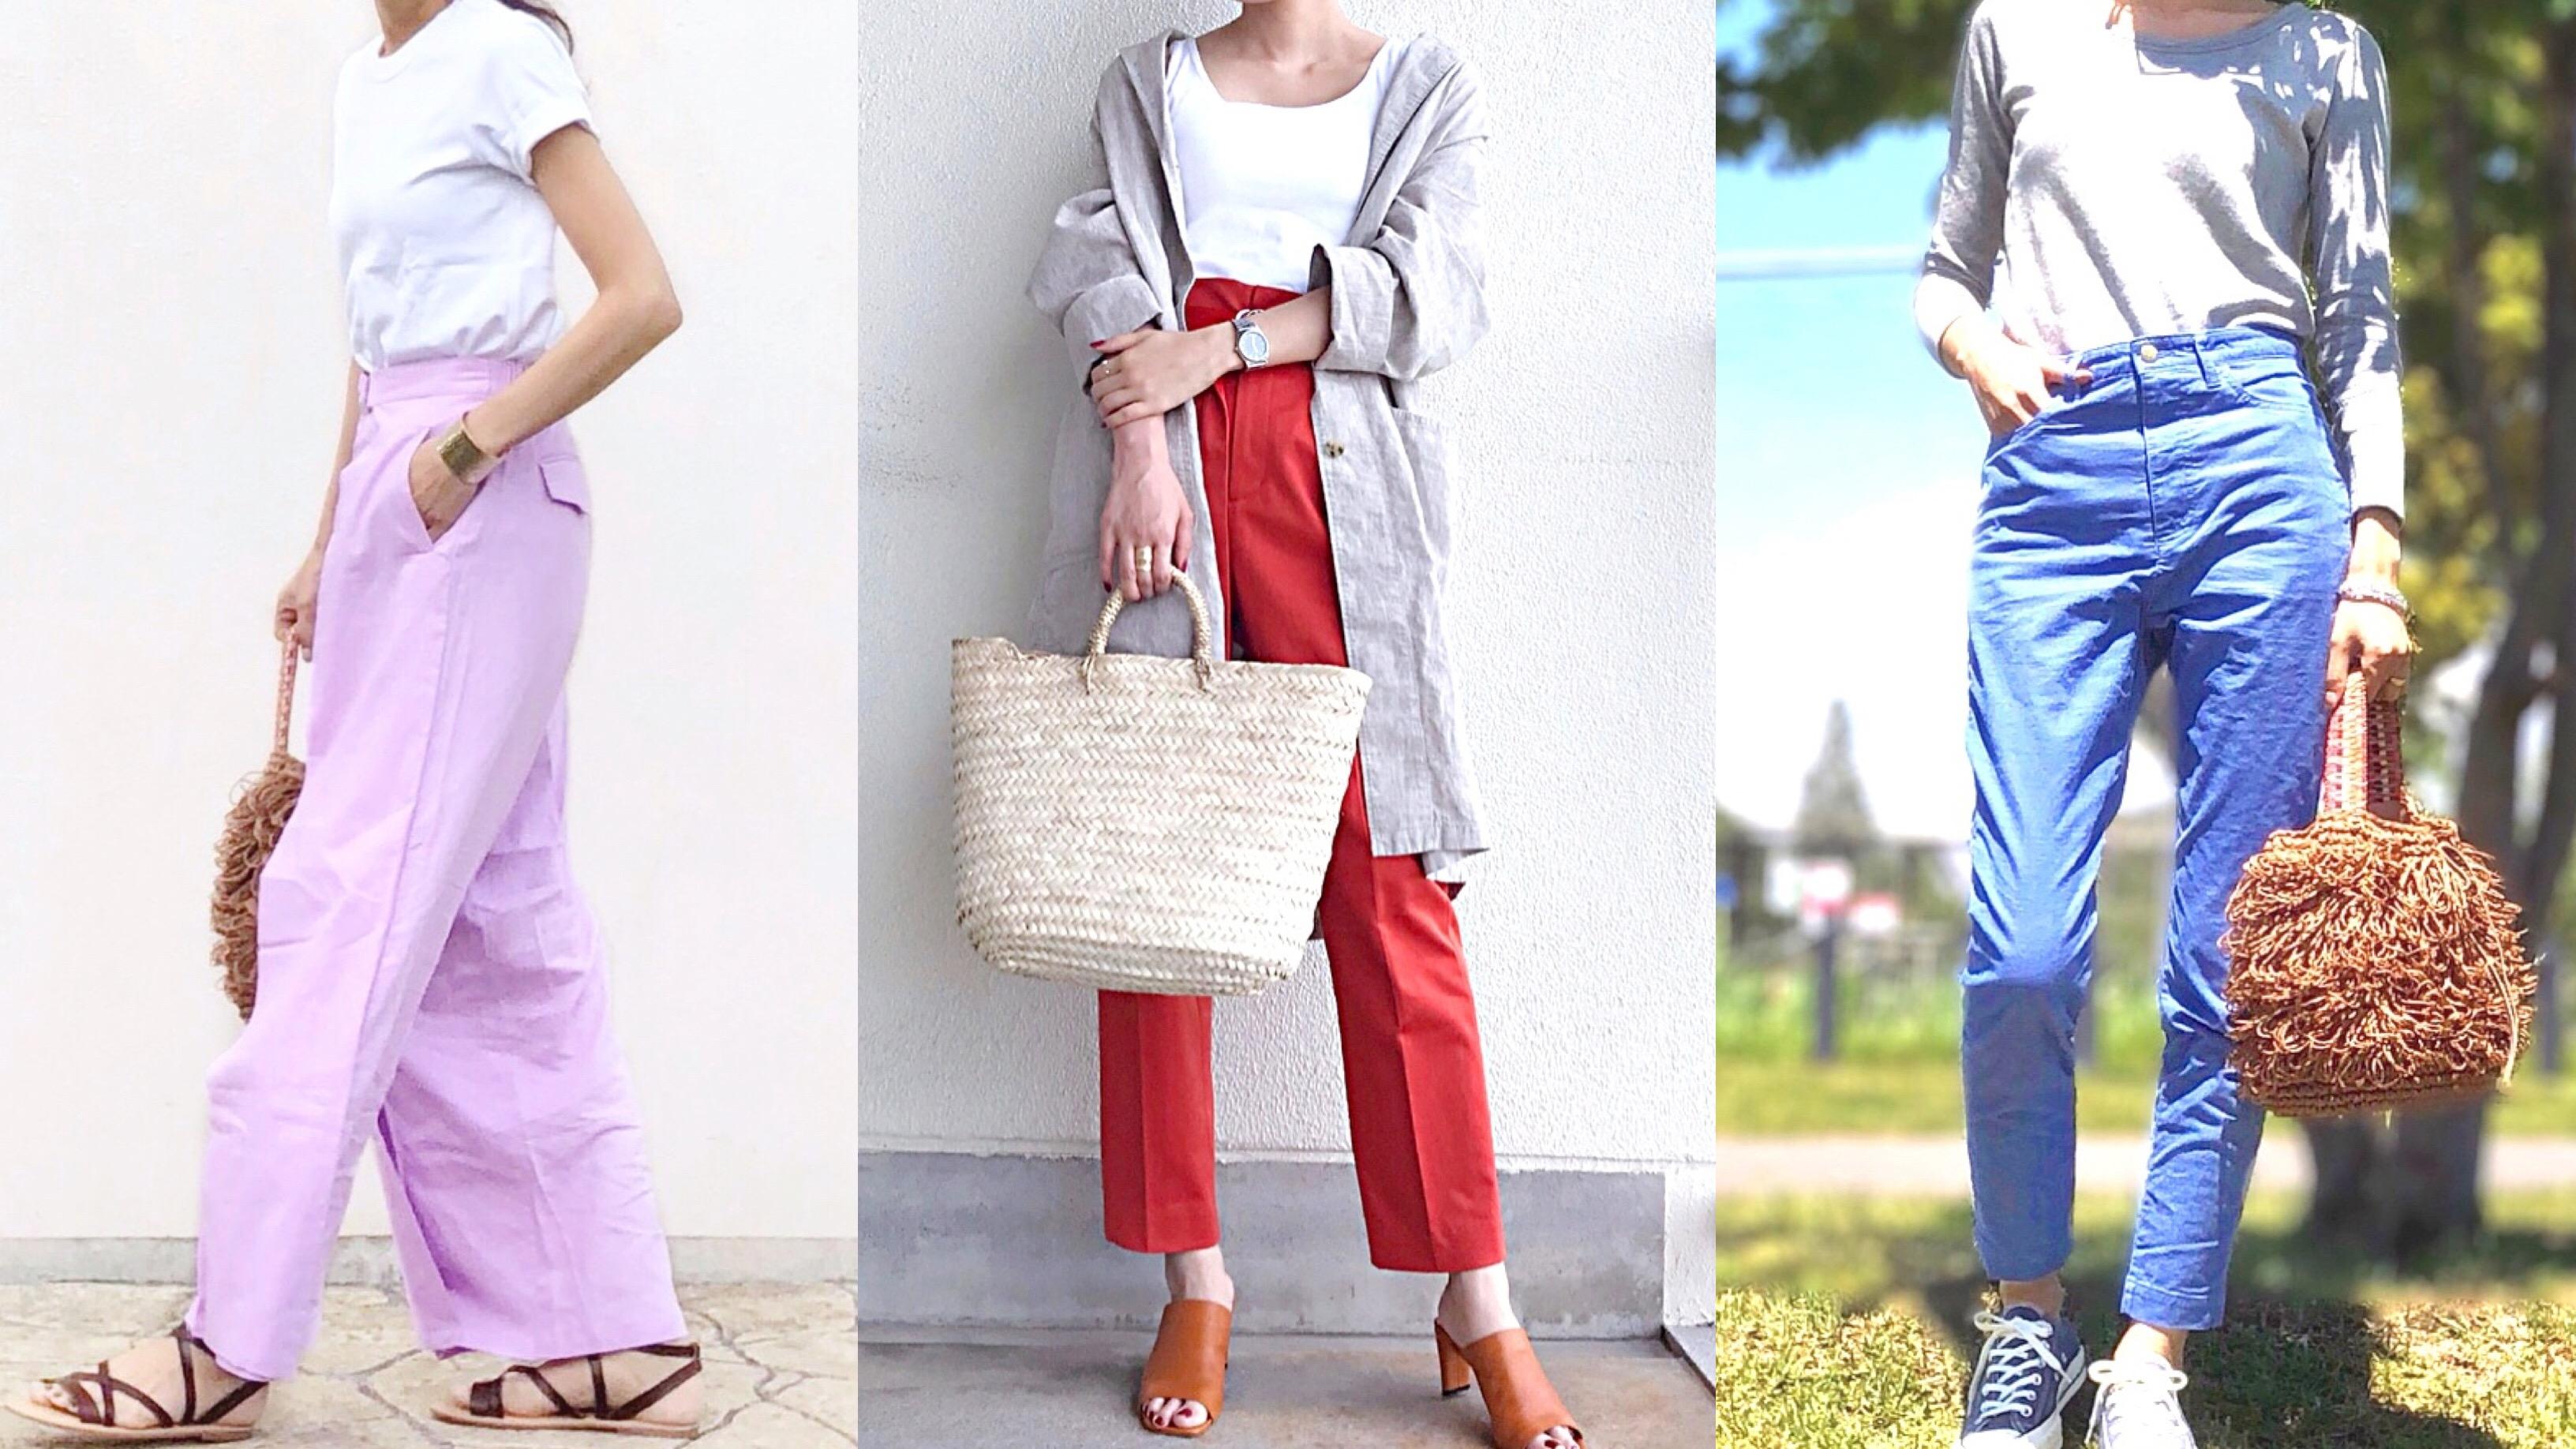 【MINESスナップ】アラサー女子の夏色は、パンツで格好良く叶えるのが正解